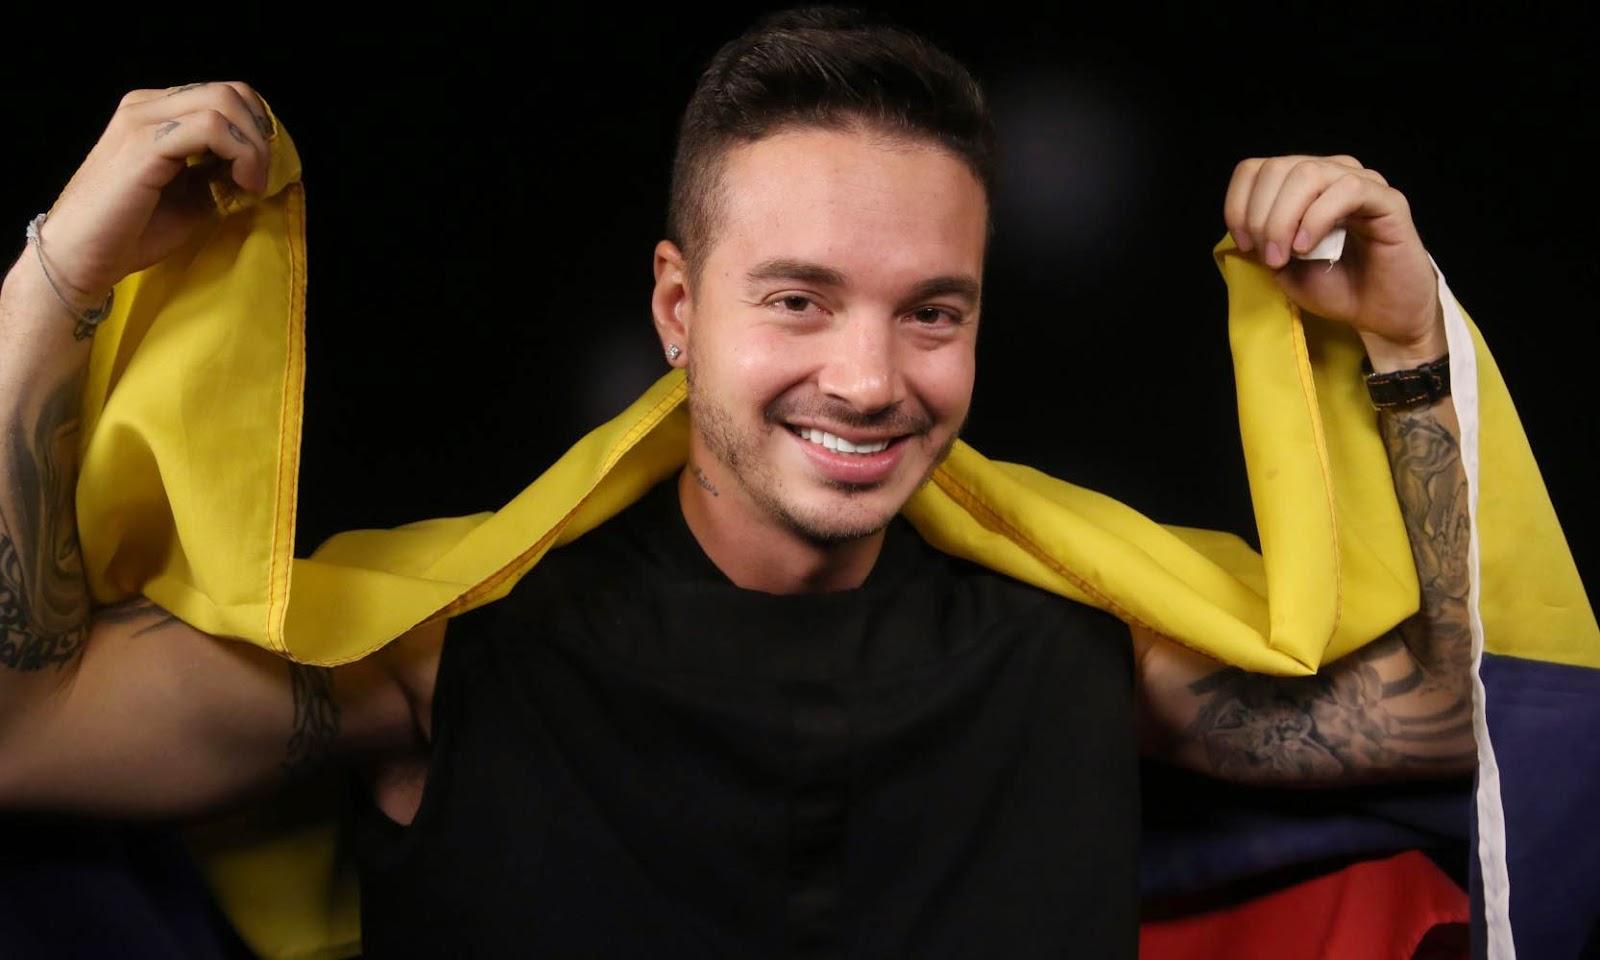 ricardo arjona j balvin concierto caracas venezuela